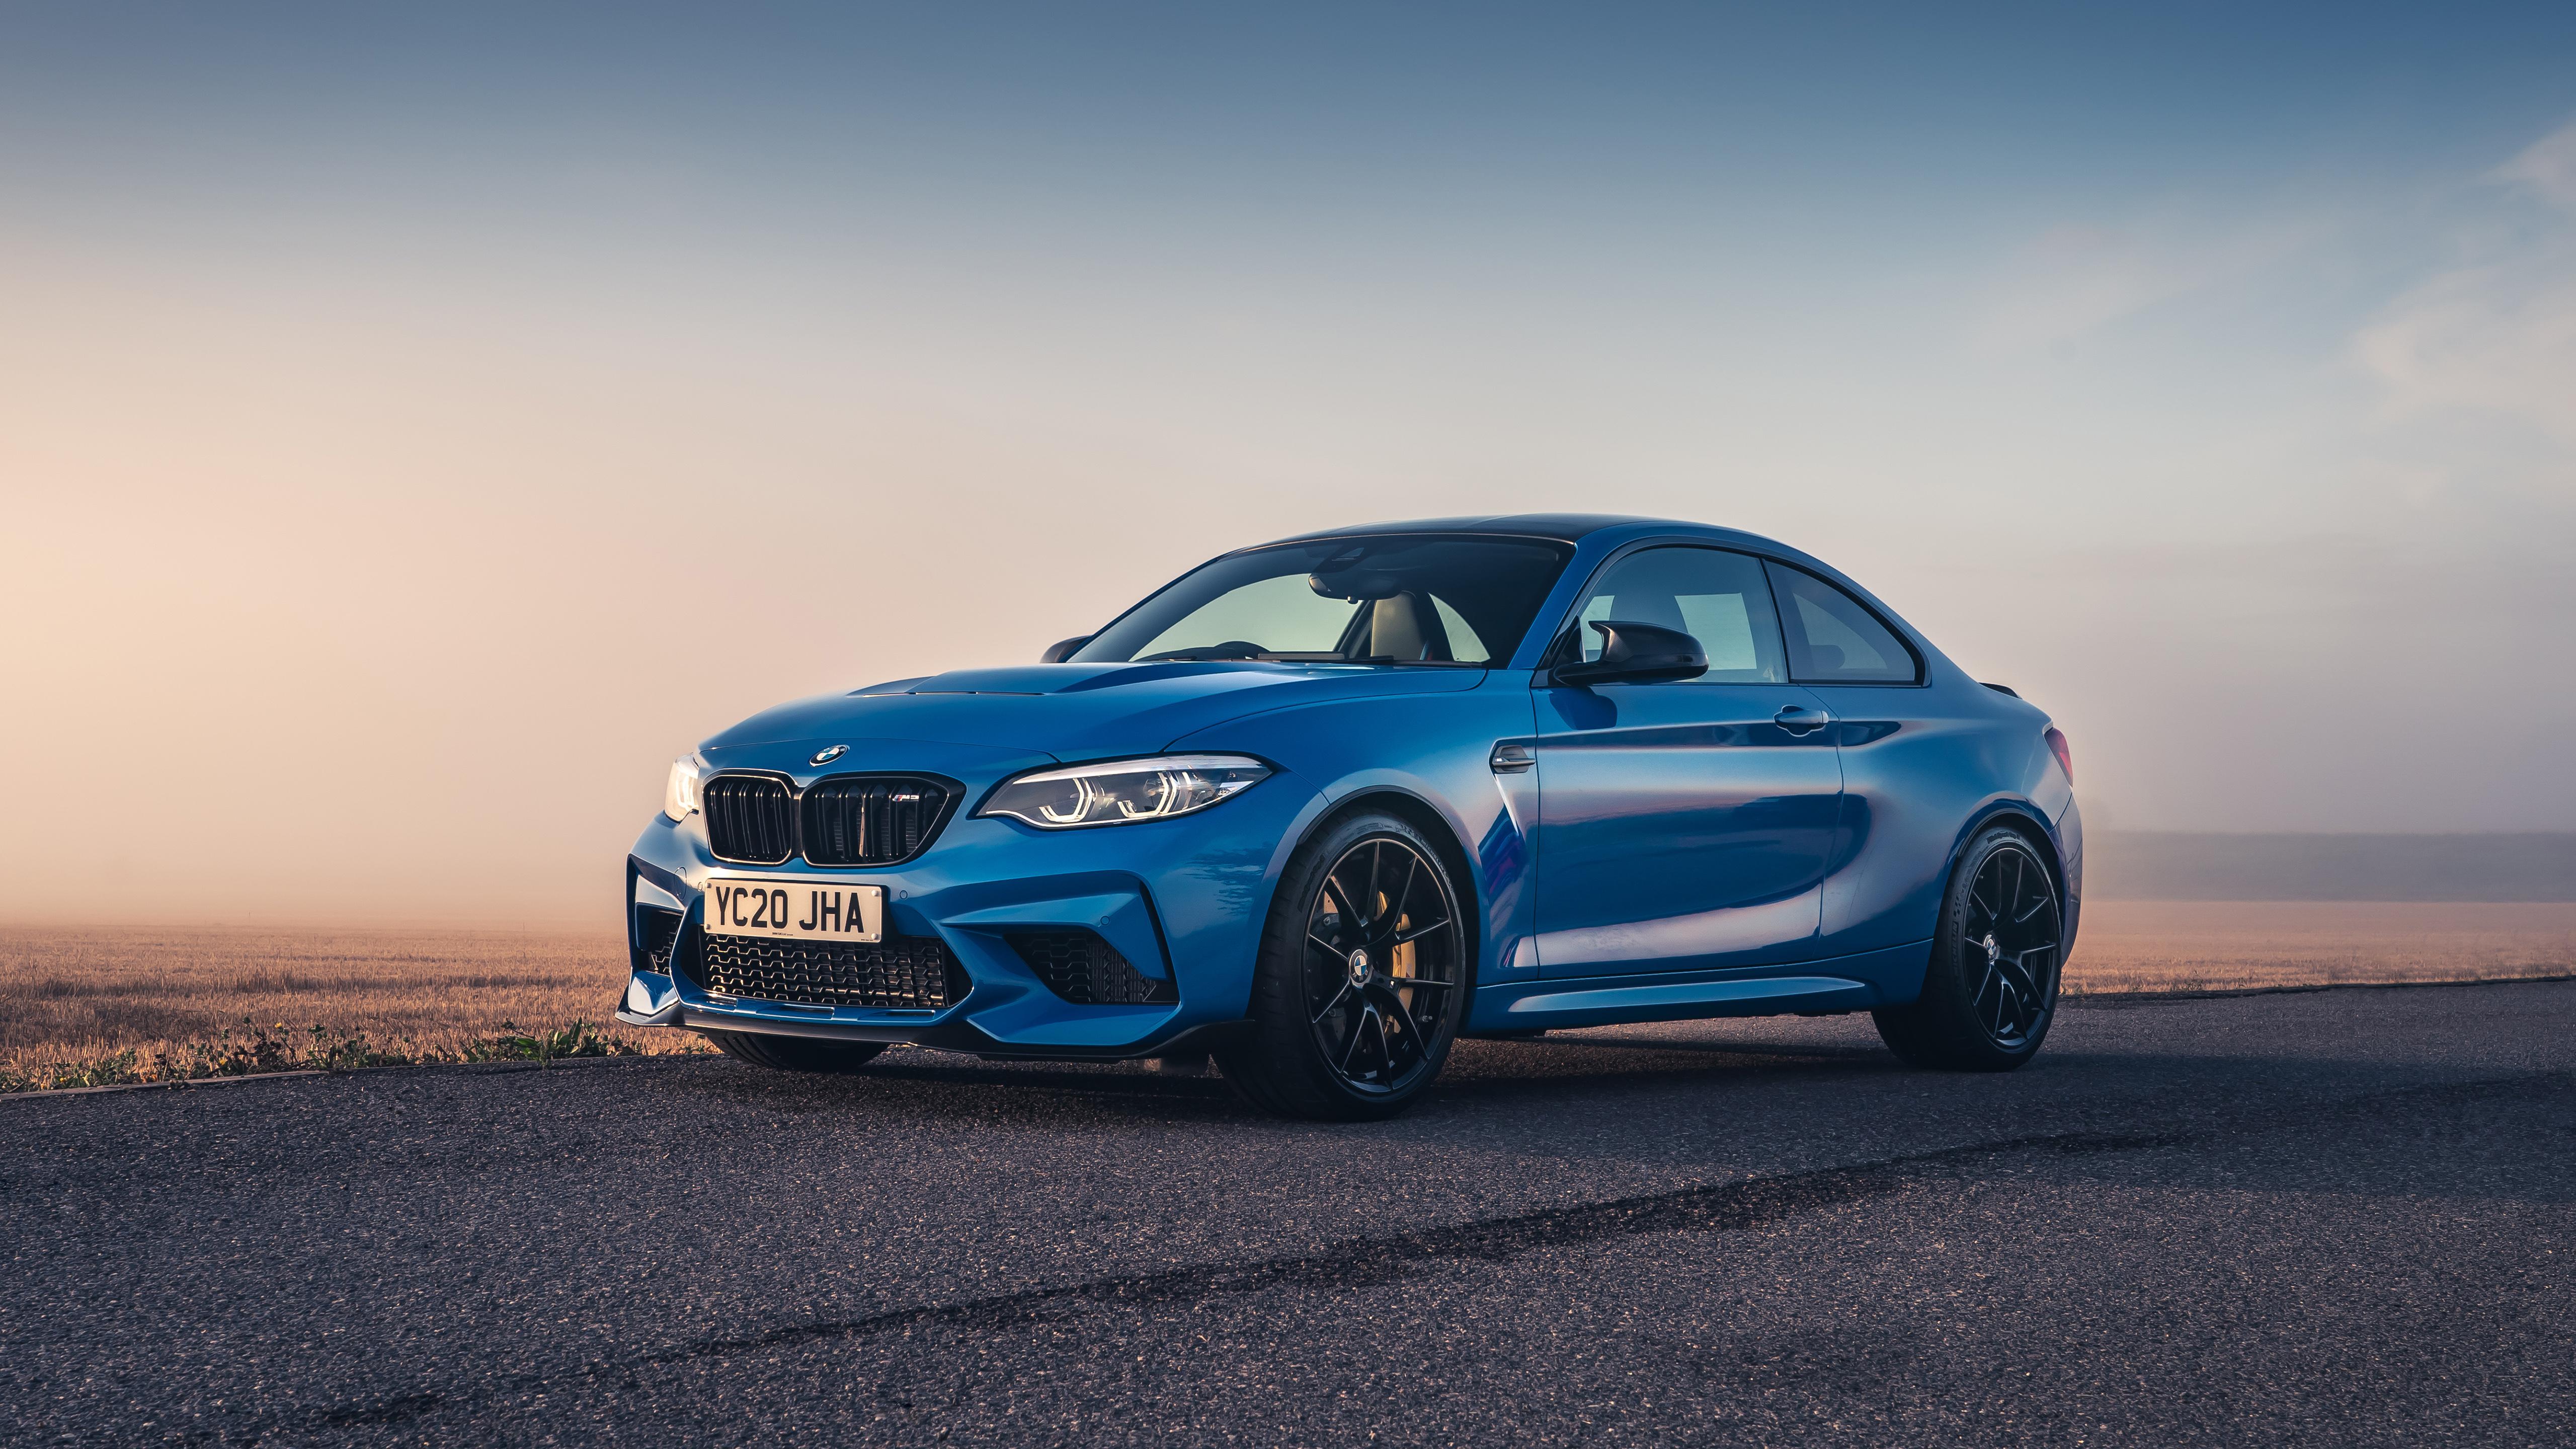 BMW M2 CS 2020 5K 3 Wallpaper   HD Car Wallpapers   ID #15590